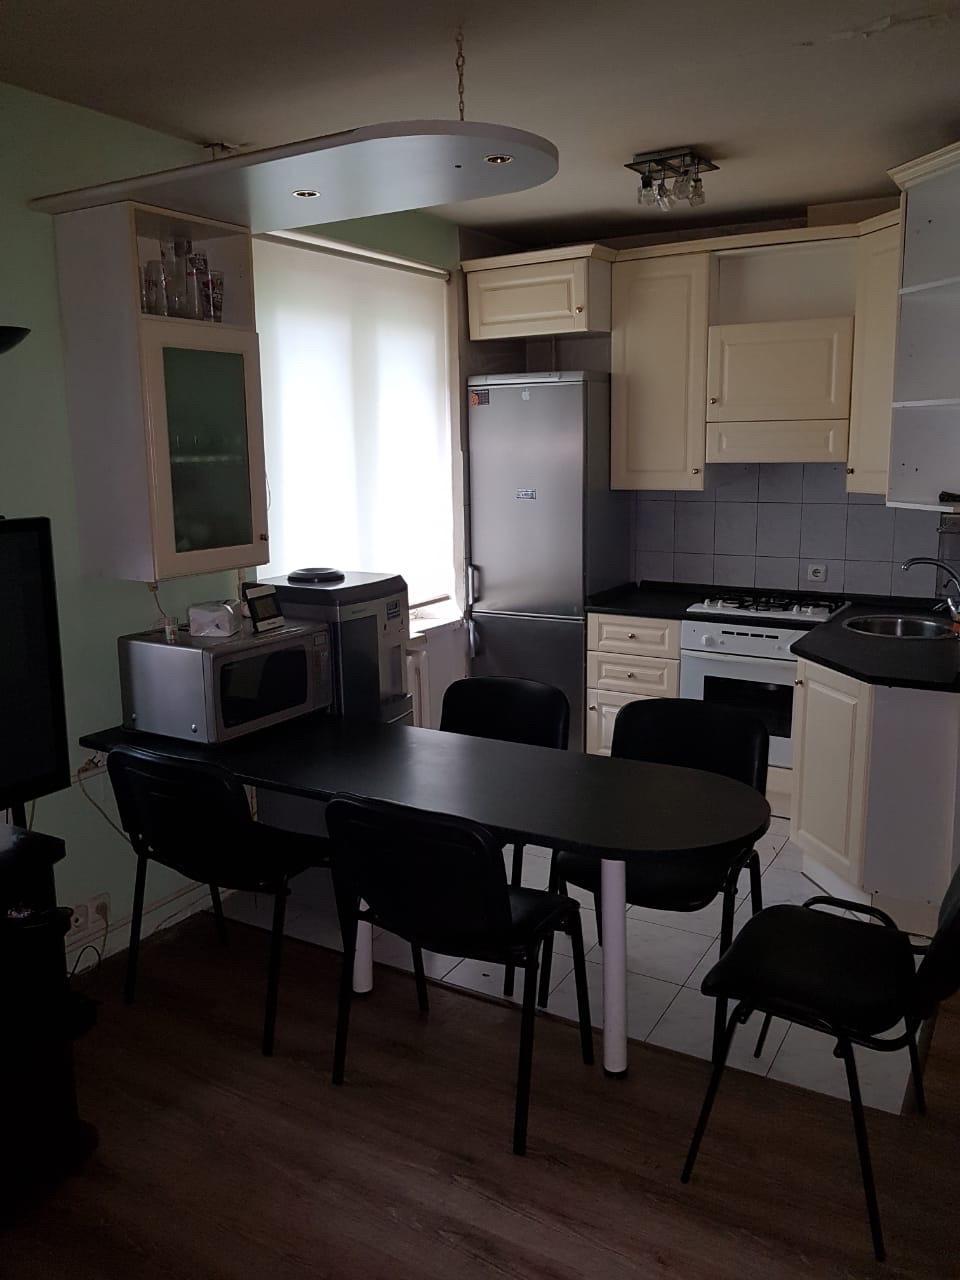 Квартира, 2 комнаты, 45 м² в Москве 89031007769 купить 8